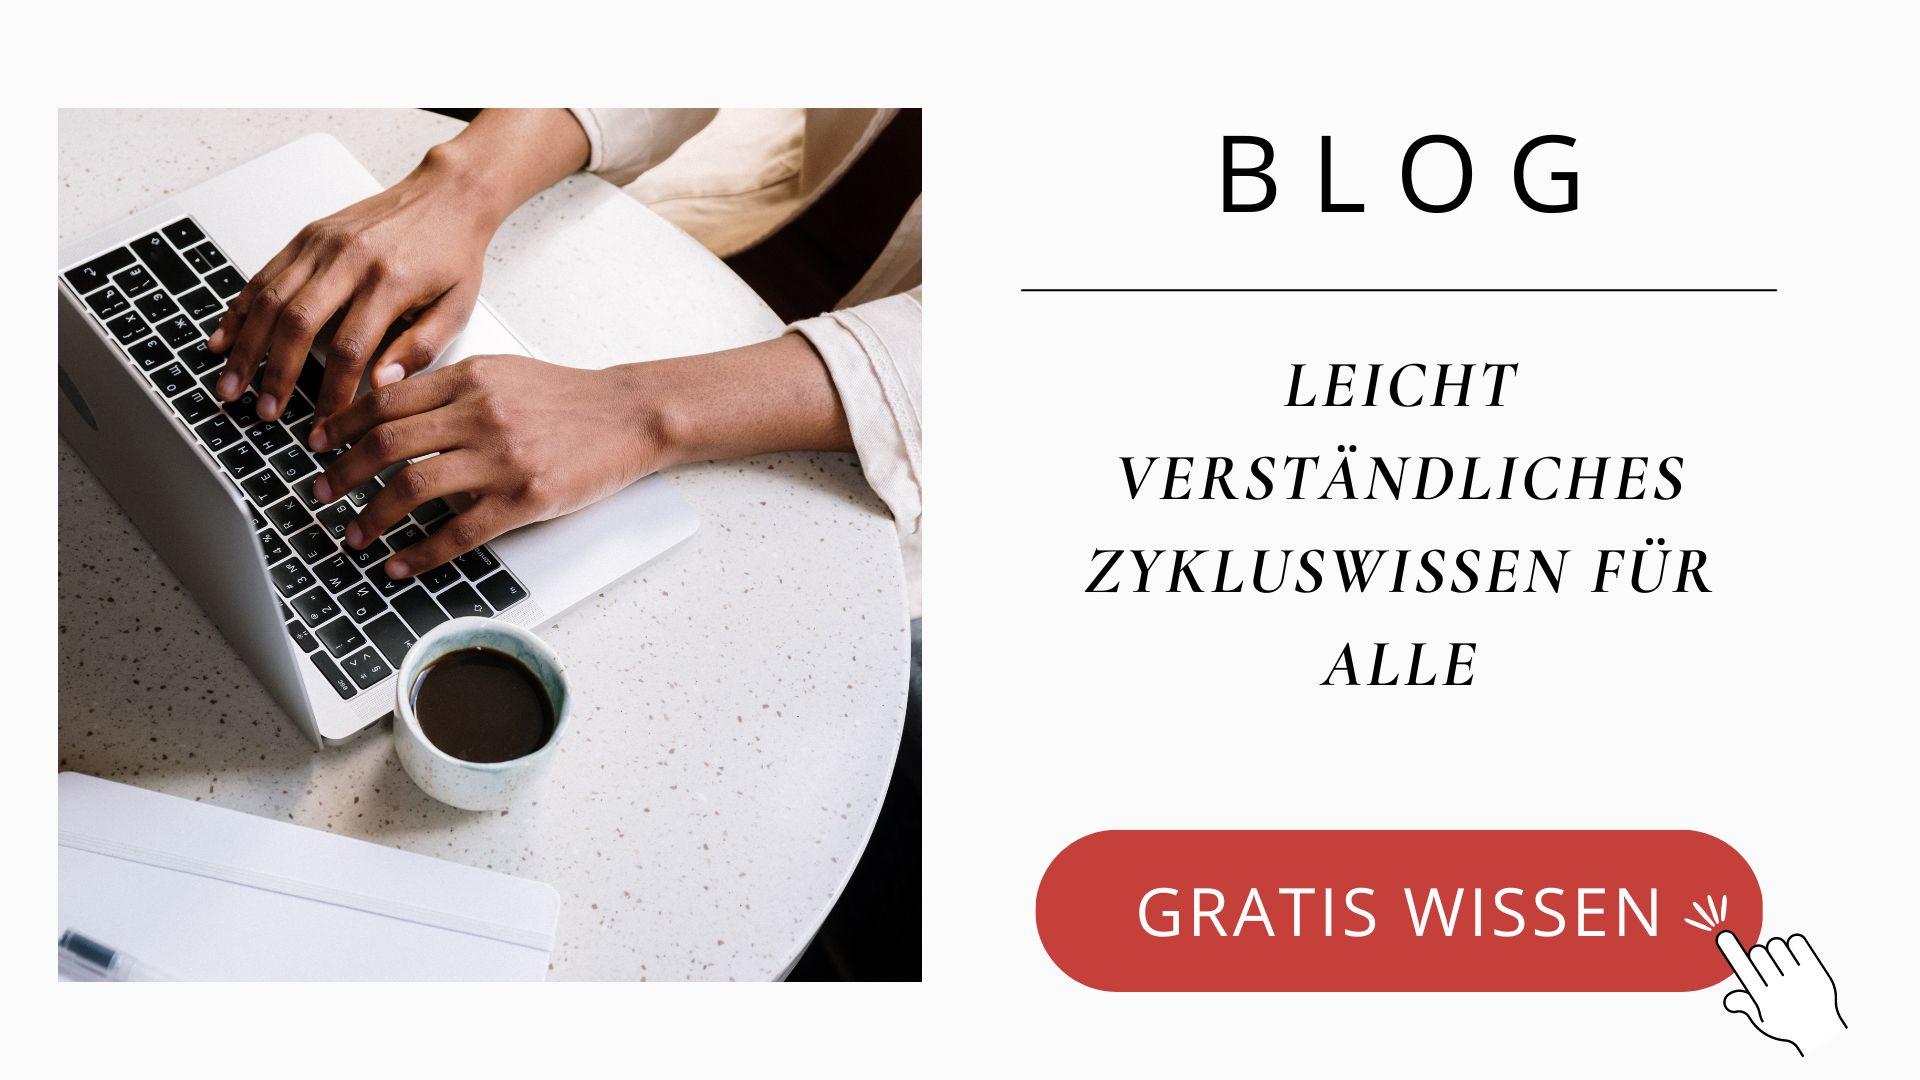 Blog Zyklus Frausein Frauengesundheit Fraulichkeit Anne Lippold